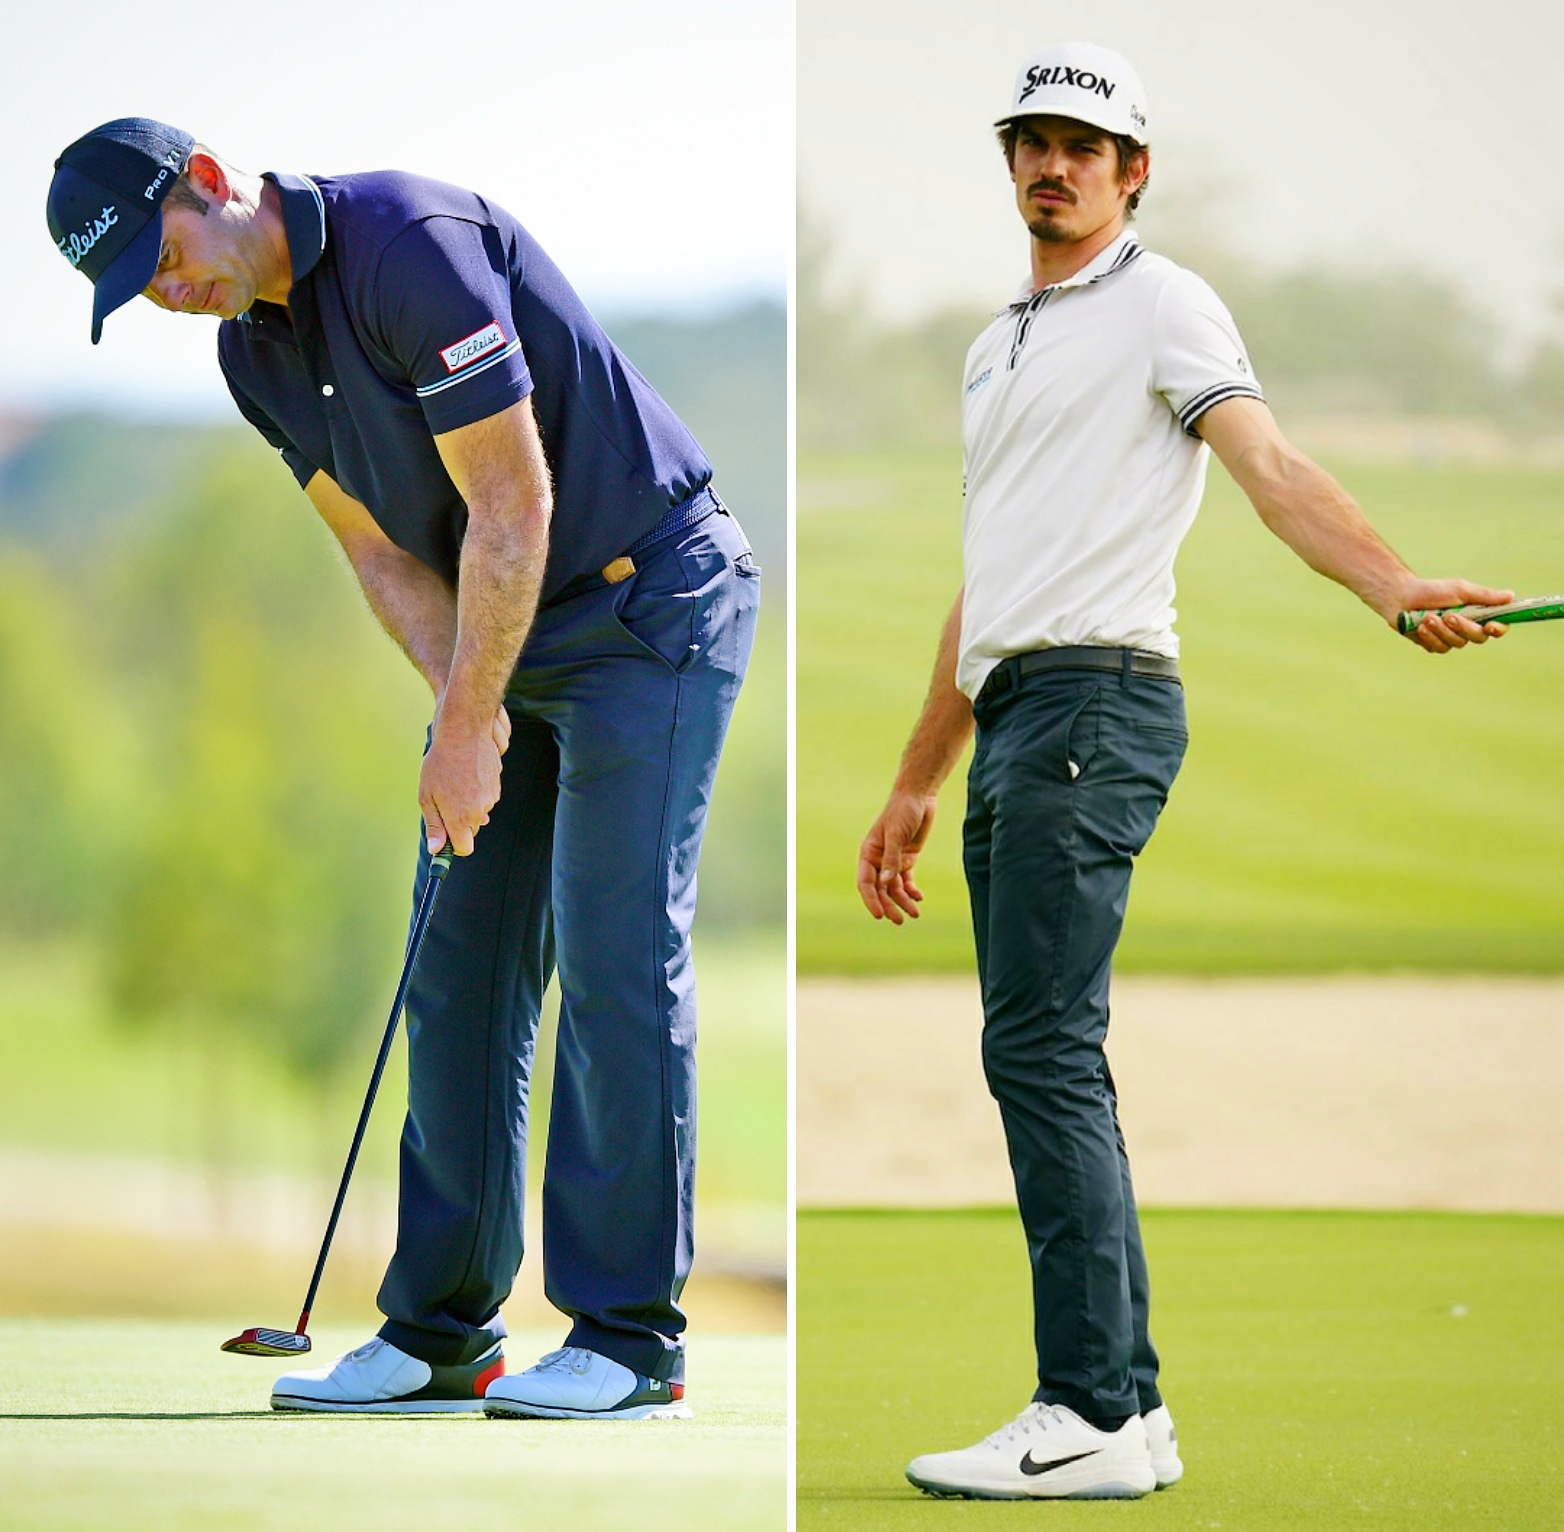 Ricardo Santos arranca época do European Tour com 35.° lugar no Qatar Masters. Pedro Figueiredo faz top-50